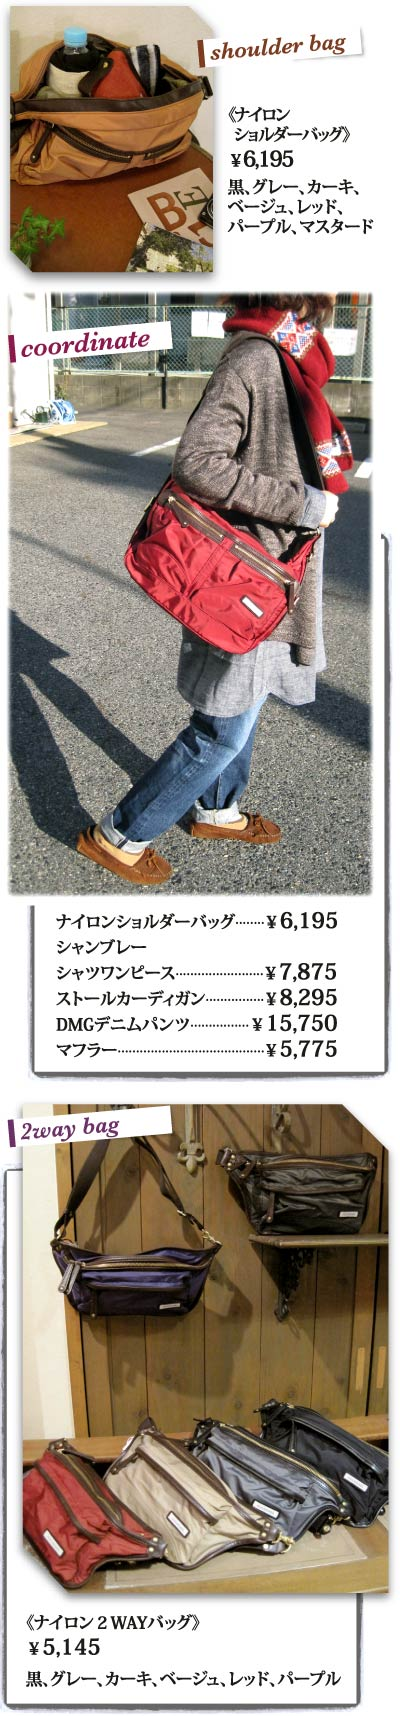 YD12.09.27a_b.jpg